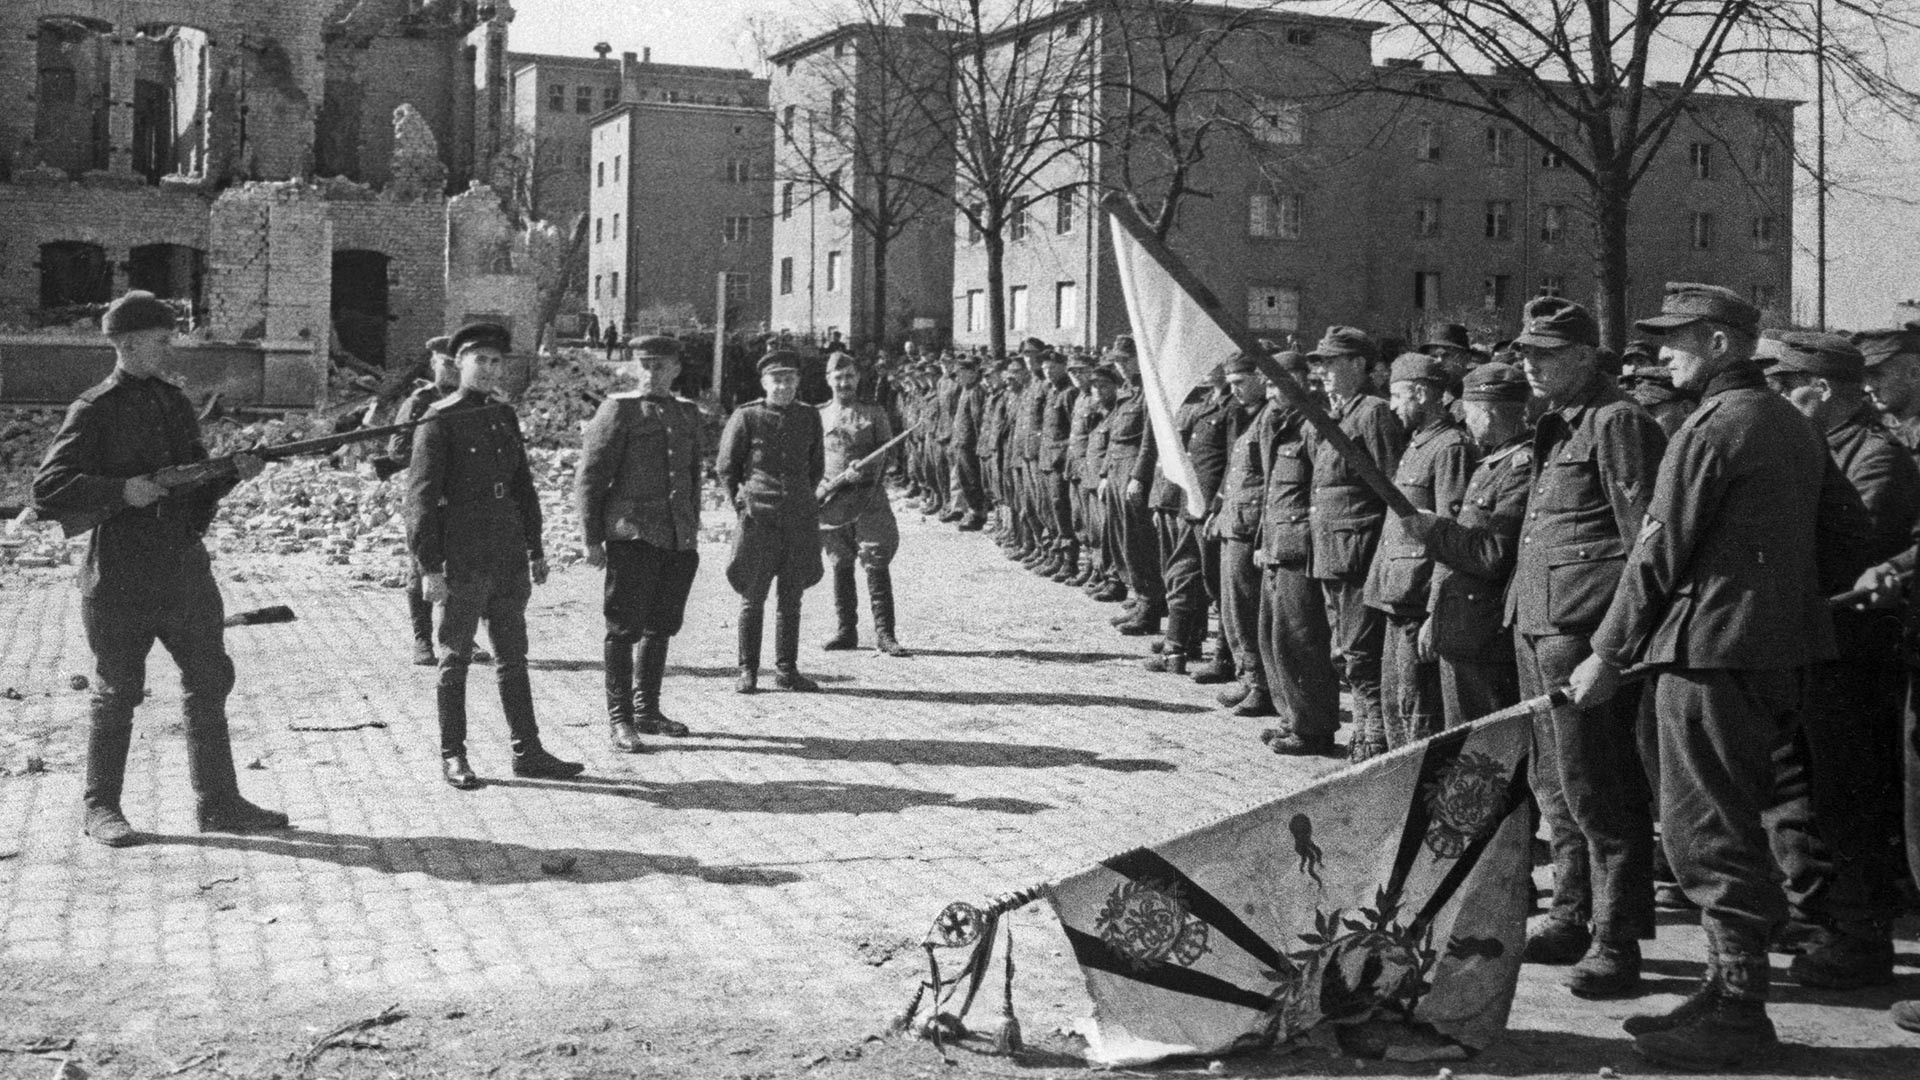 Предаја војника једног дела берлинског гарнизона.